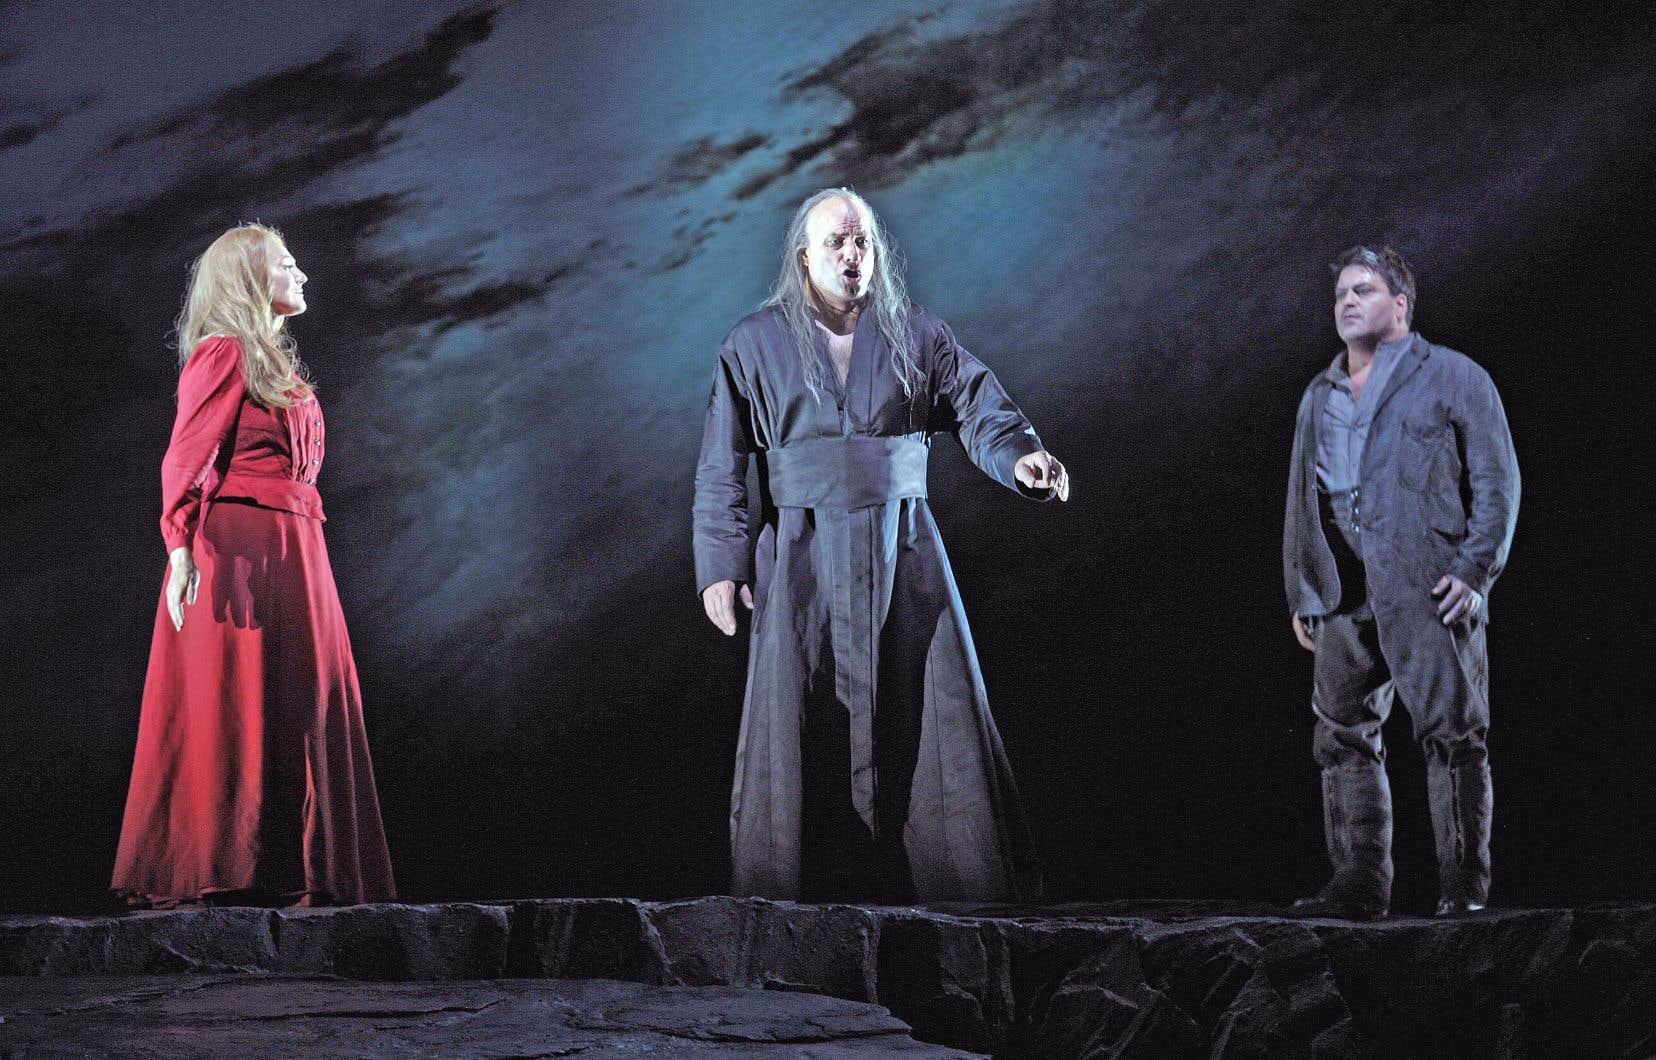 «Le vaisseau fantôme» de François Girard conjugue une lecture psychologique profondément creusée des personnages à des dimensions cinématographiques et picturales.